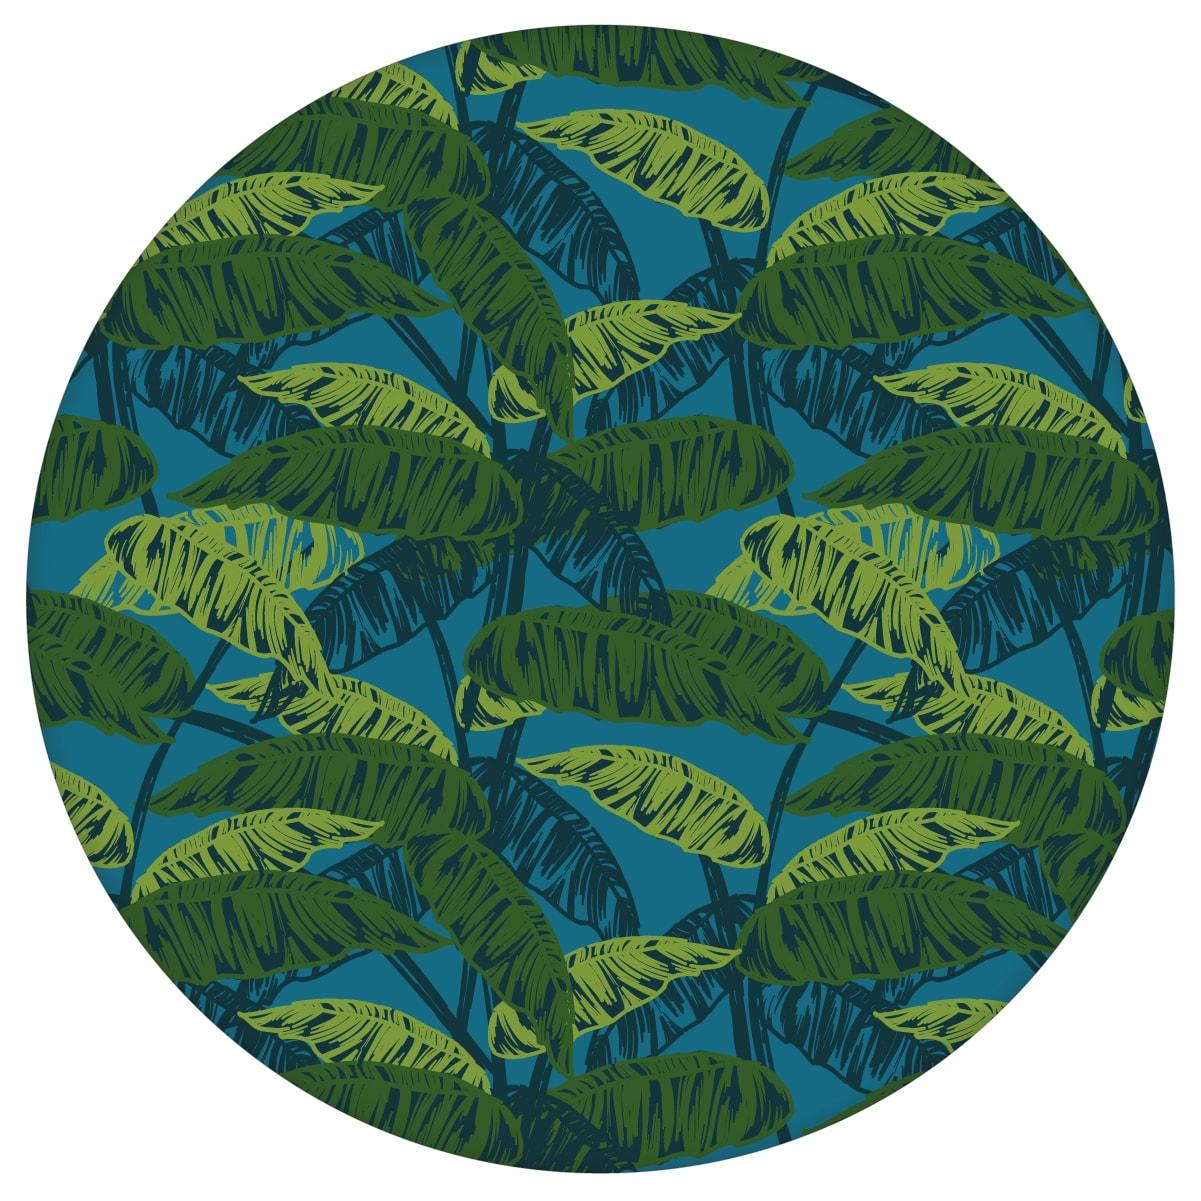 """Petrol blaue Tapete """"Wild Bananas"""" mit Blättern, Vlies-Tapete üppige Blumentapete für Schlafzimmer"""